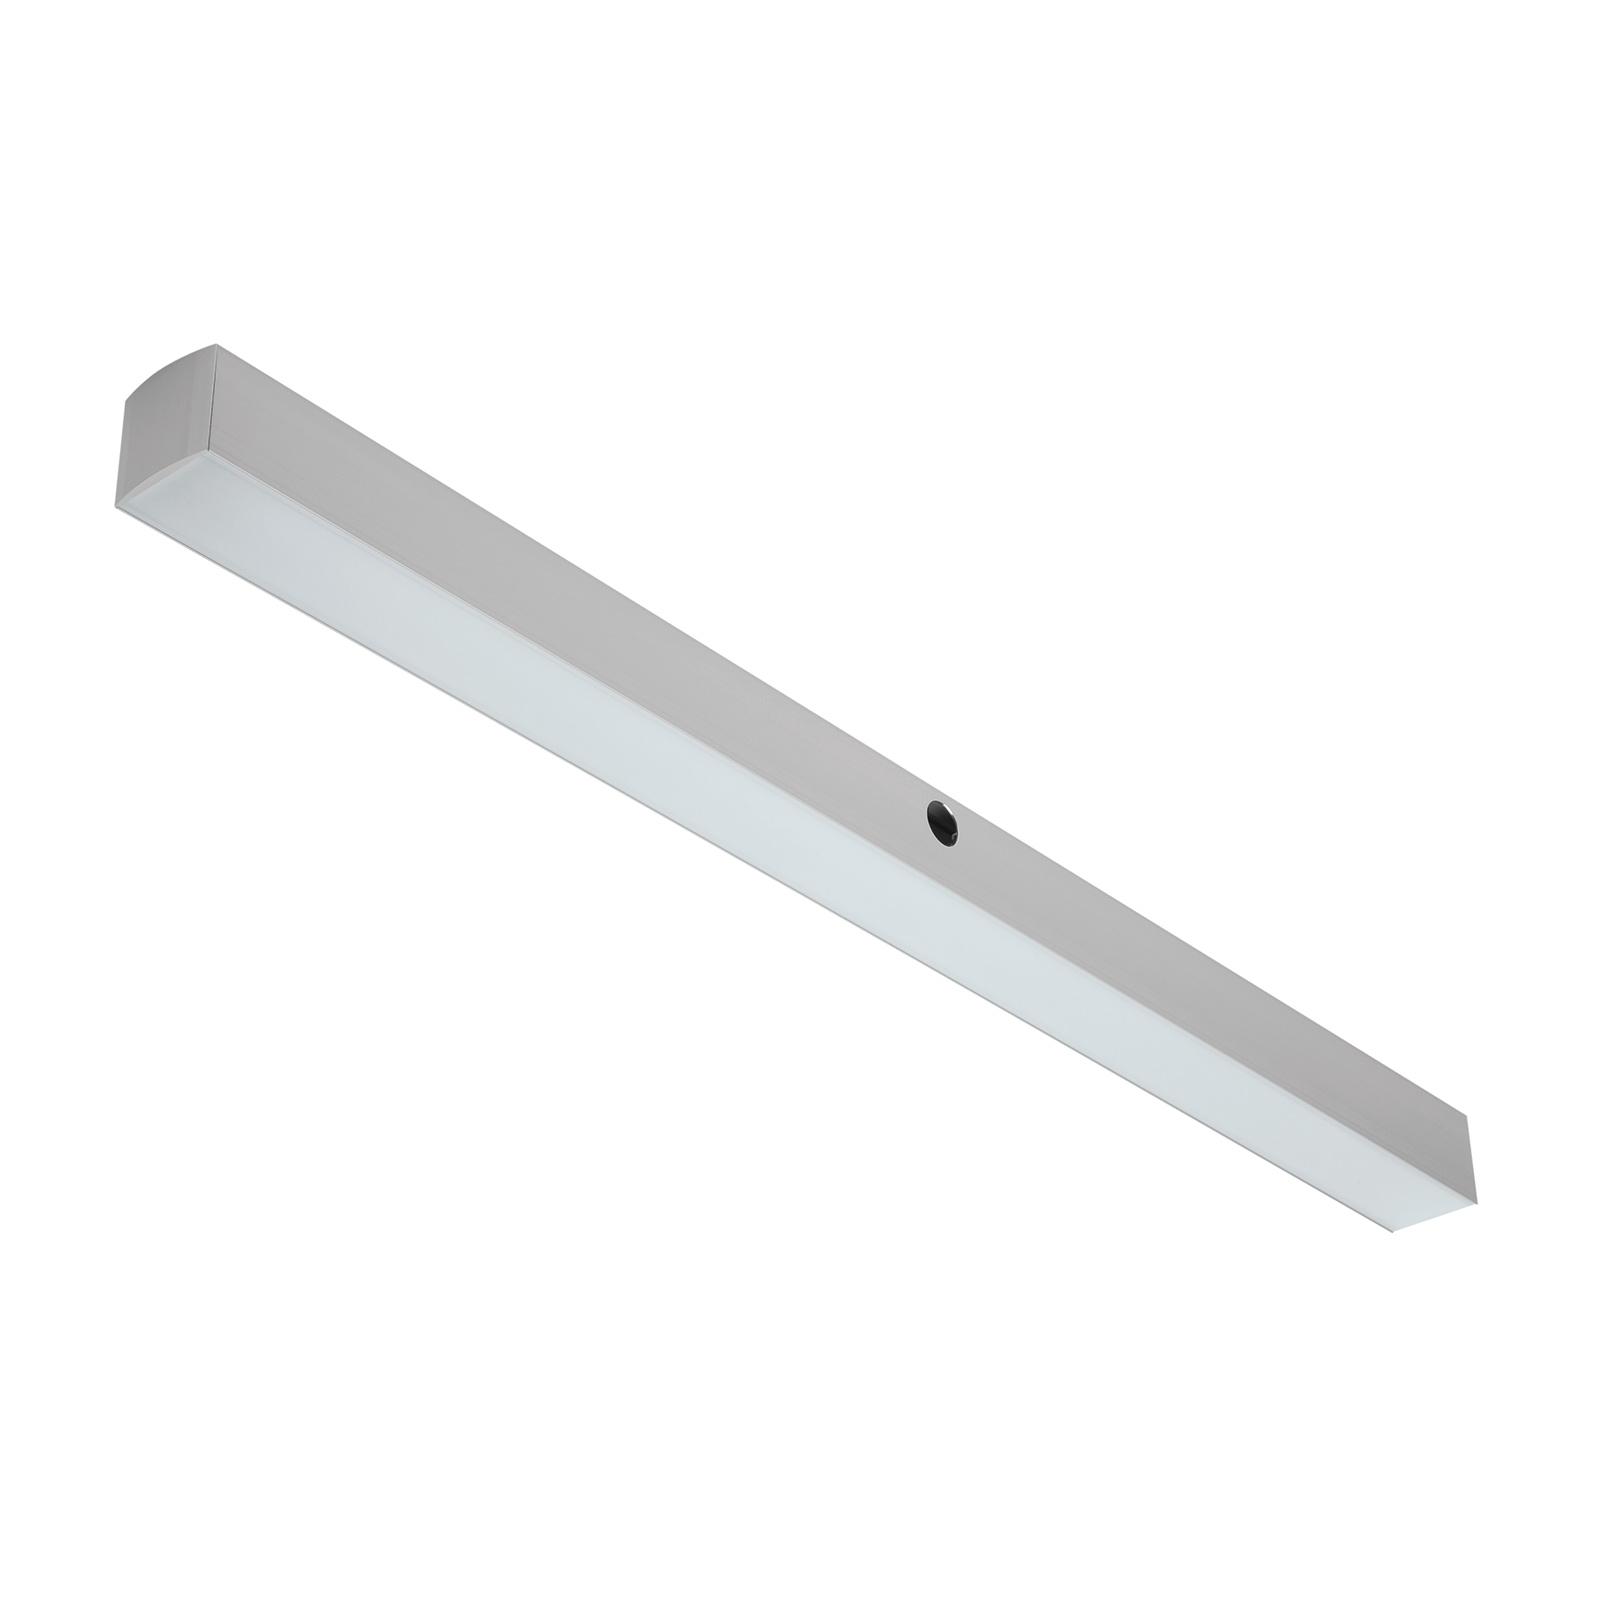 Listwa końcowa LED Acelin W przednia, 37 W